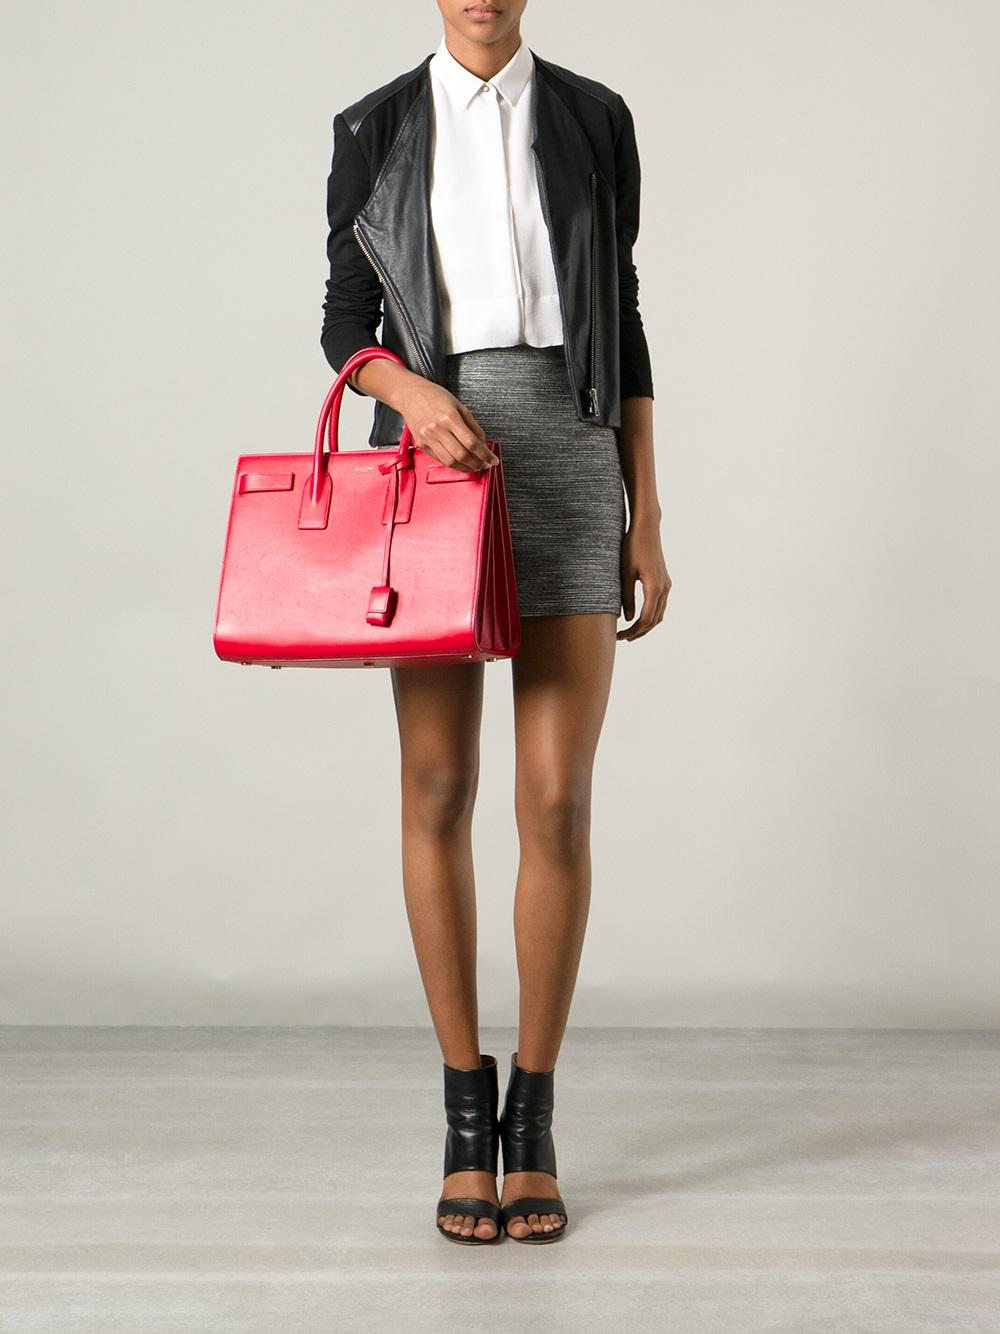 cheap yves saint laurent shoes - sac de jour nano satchel bag, red